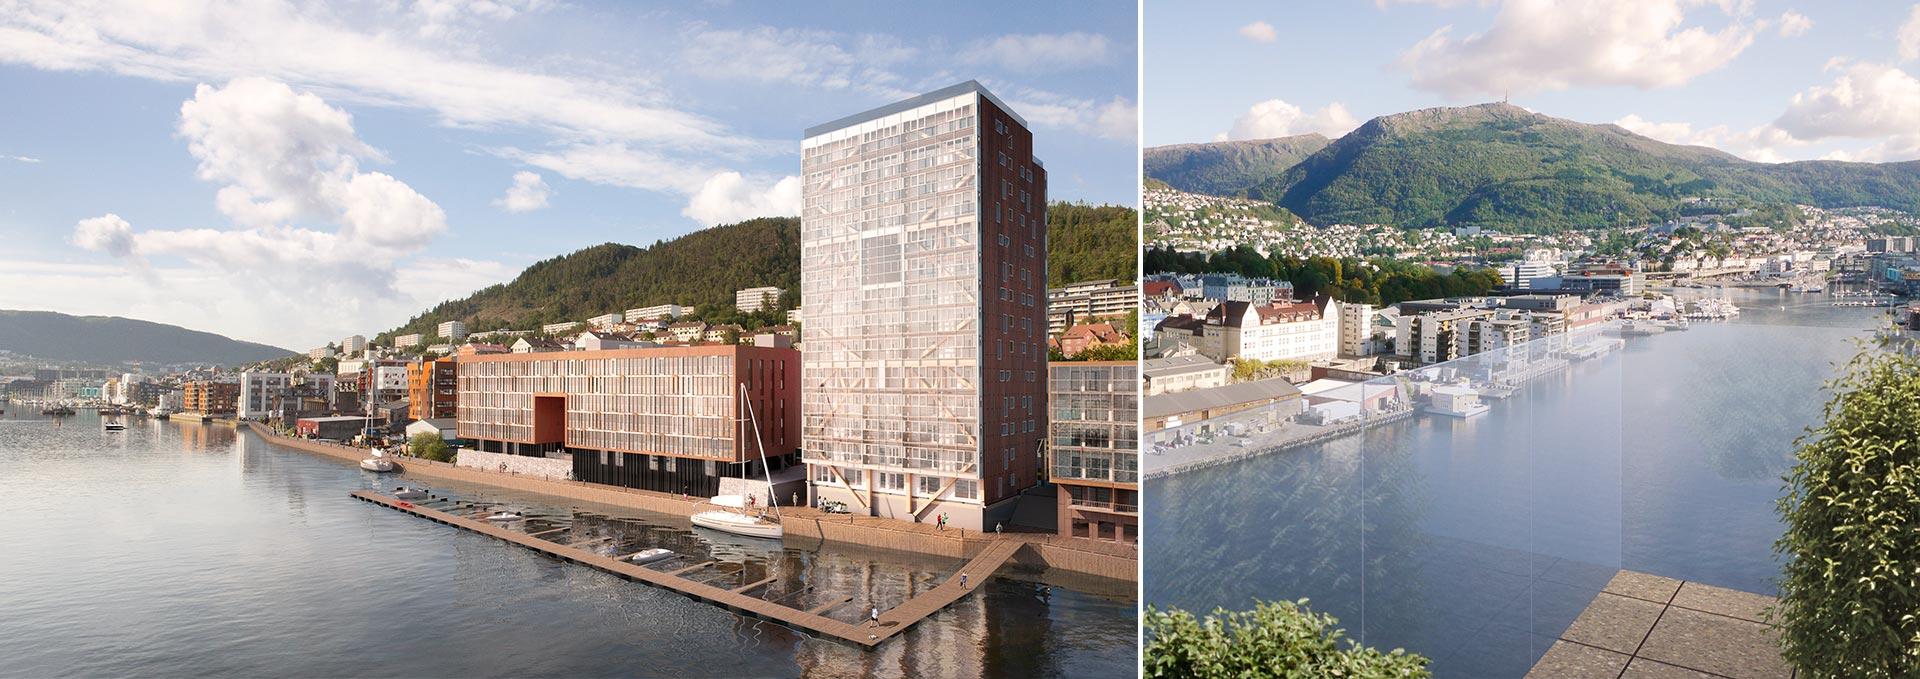 Treet: El Edificio en entramado de madera más alto del mundo ...